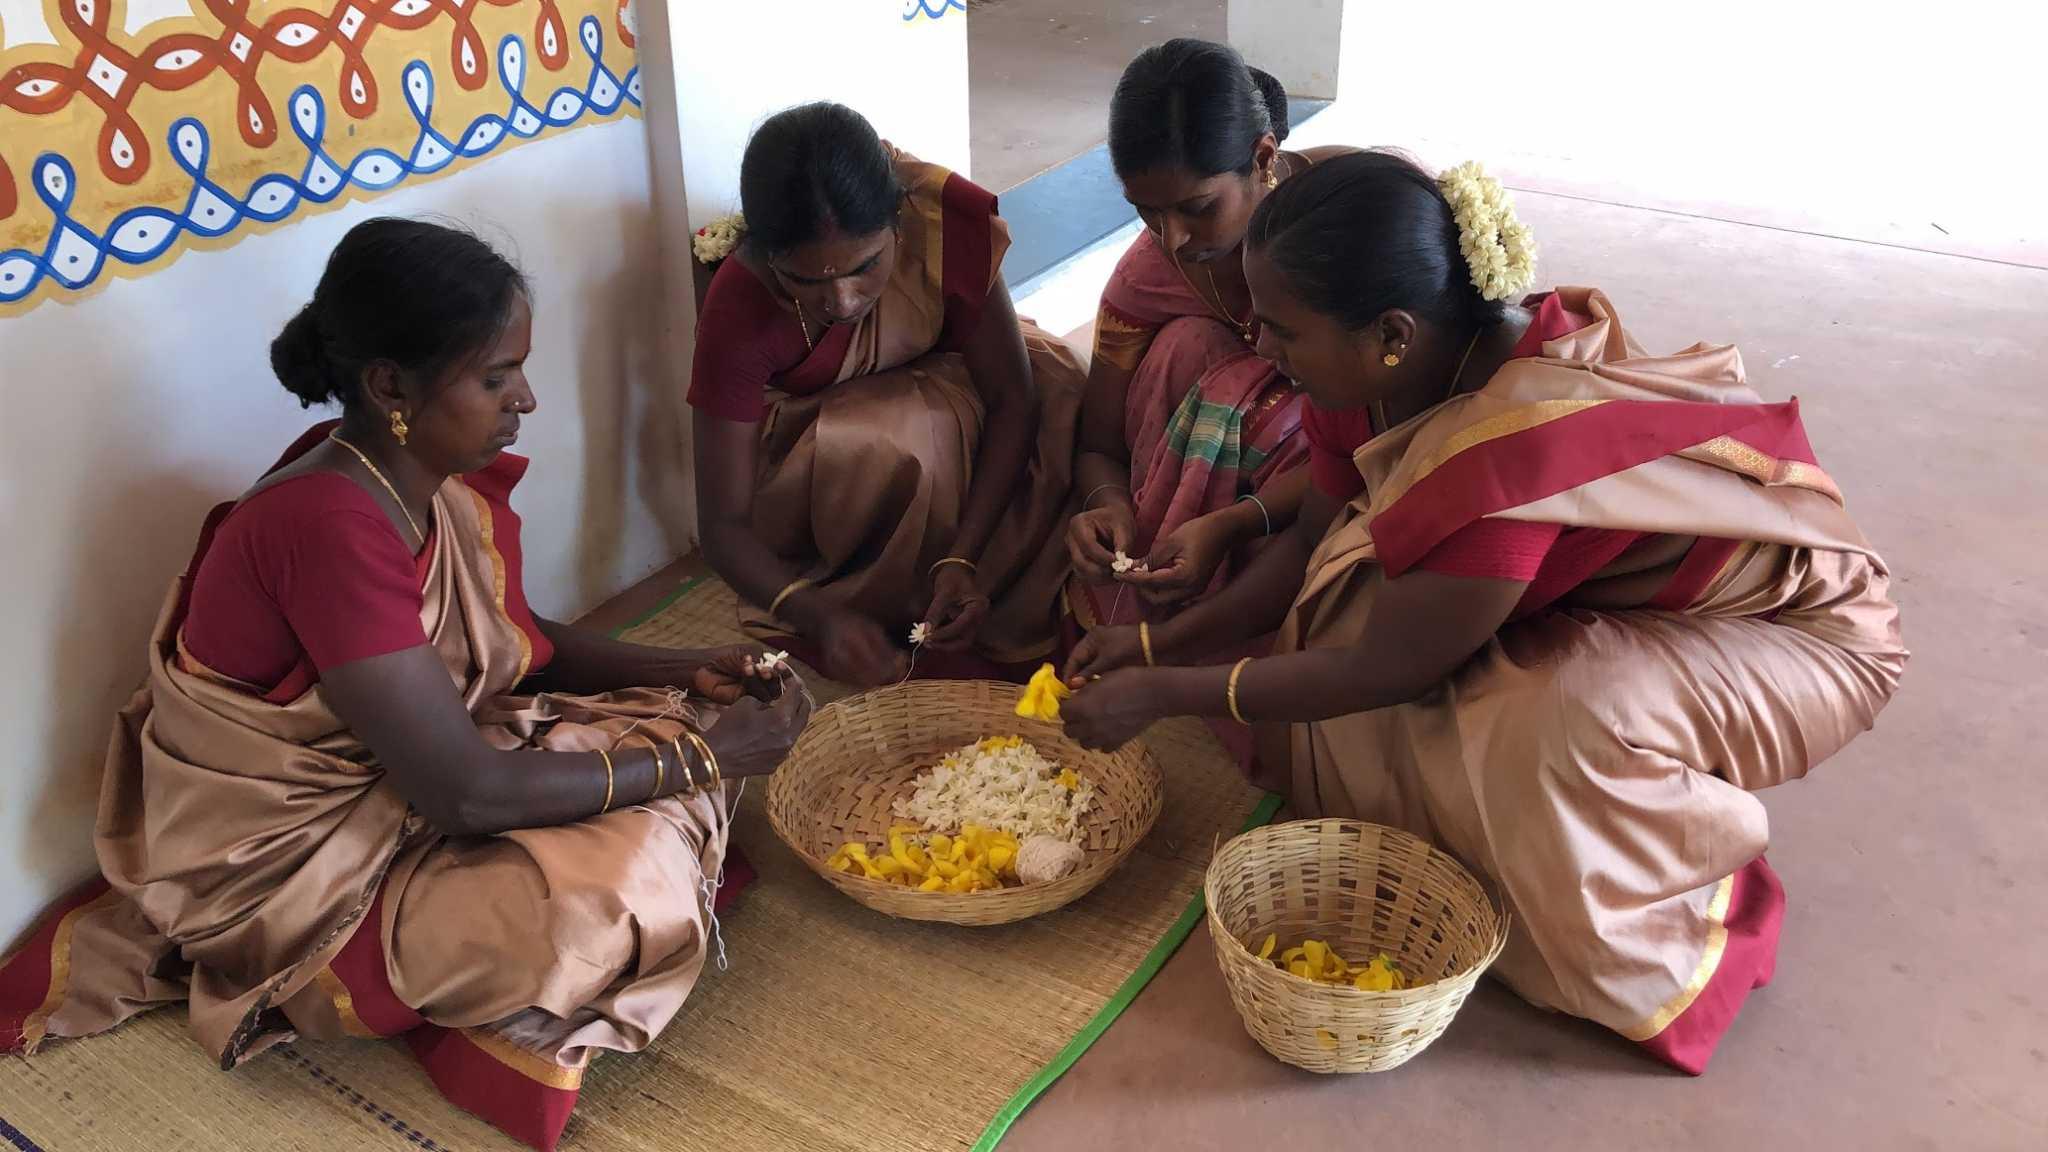 Sari Indiano Madurai